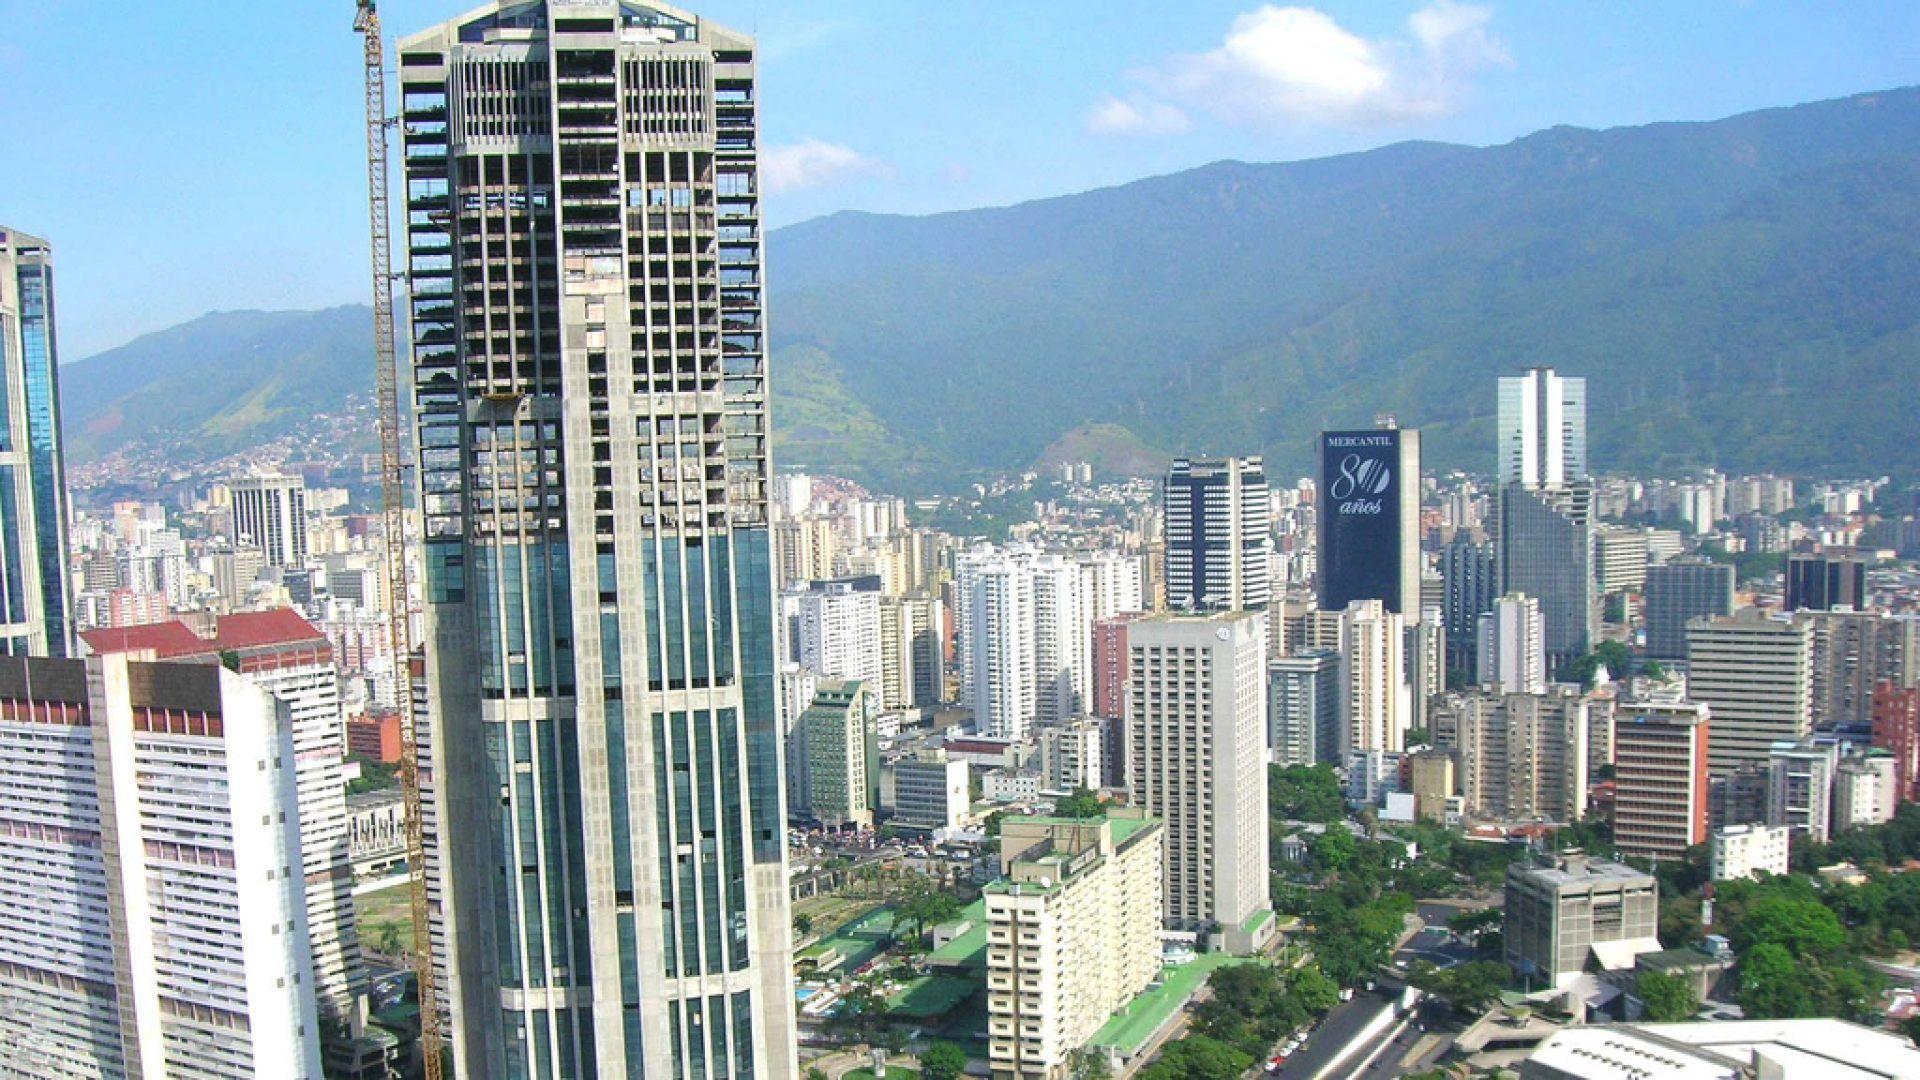 Caracas desde el cielo - 1920x1080 :: Fondos de pantalla y wallpapers